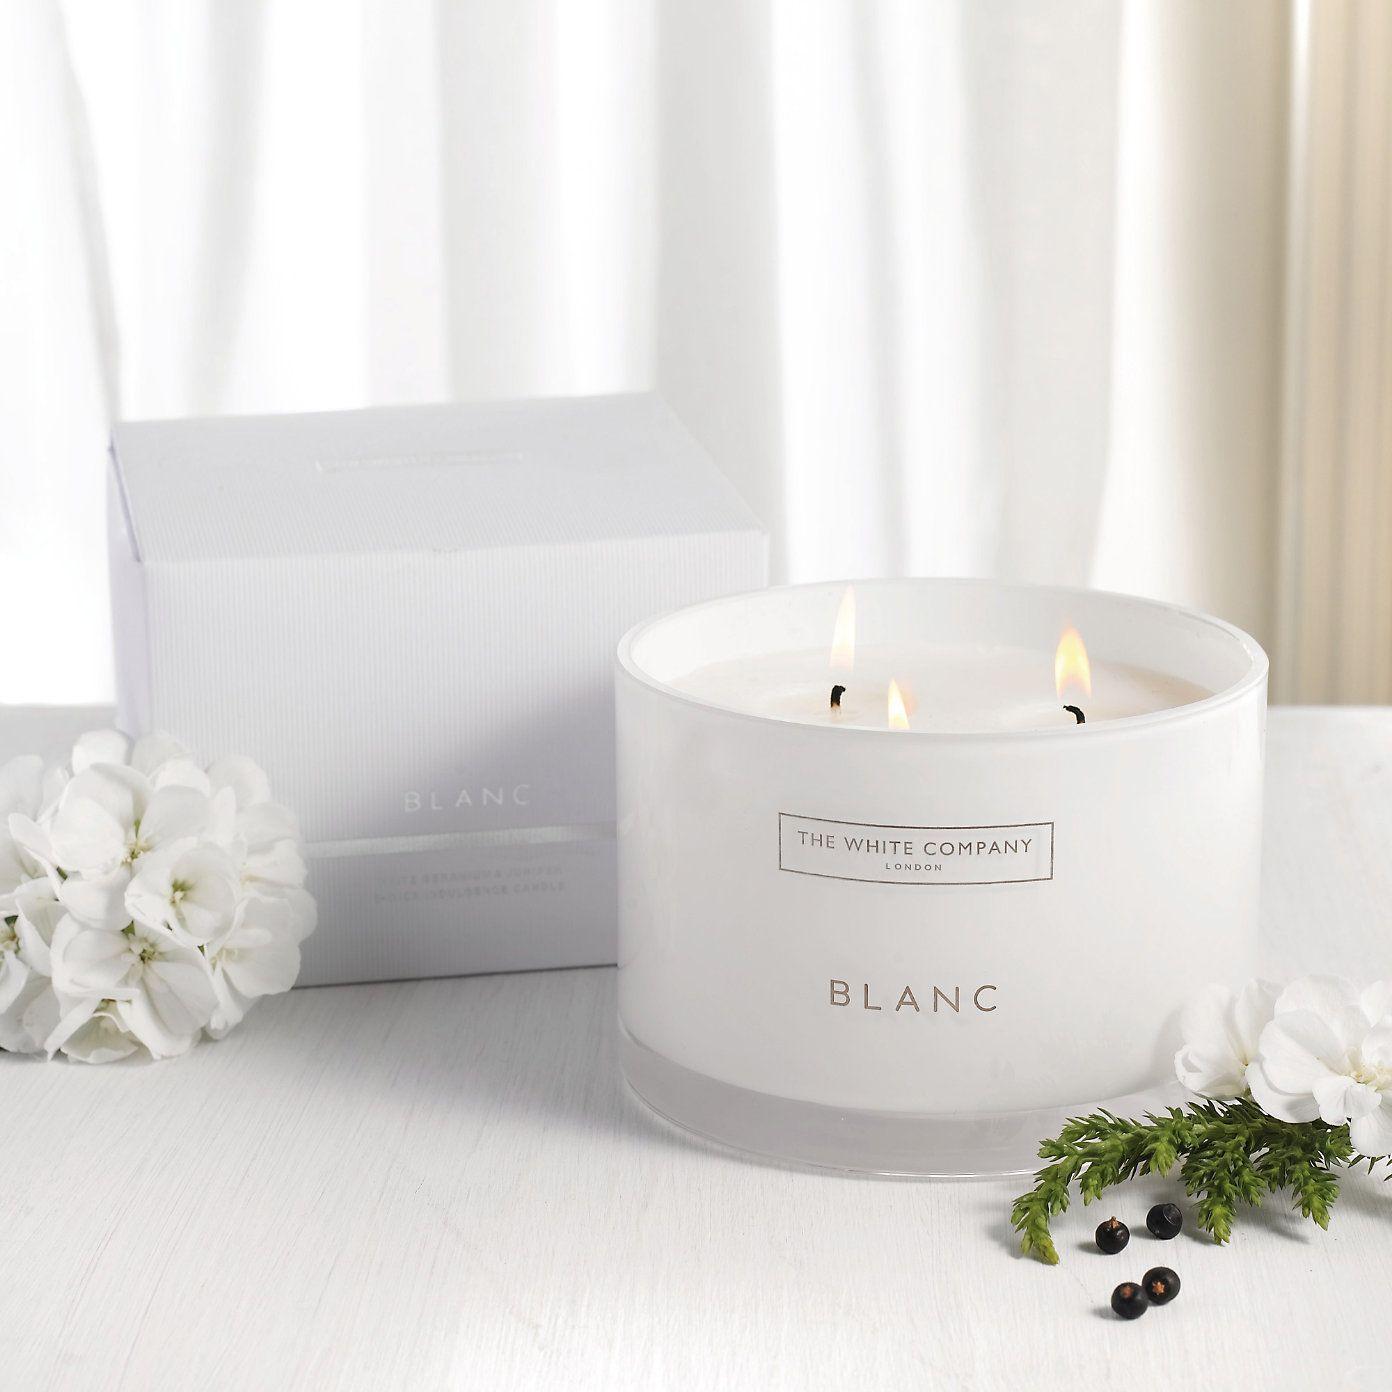 candle all white interior decor decoration chic simple candle all white interior decor decoration chic simple interior